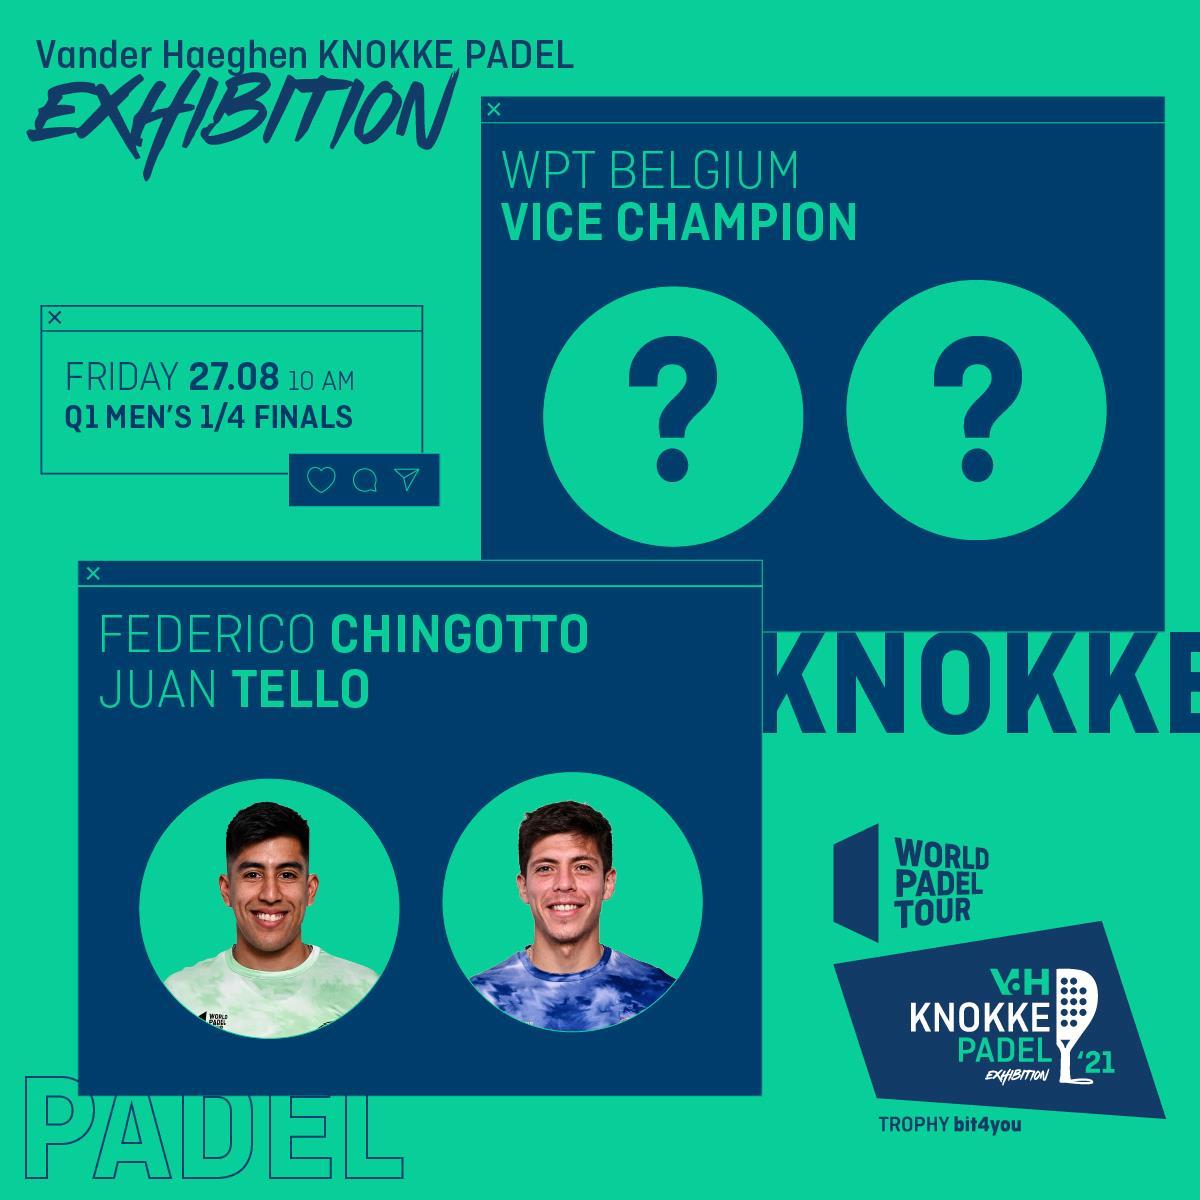 World Padel Tour Knokke 2021 tello chingotto